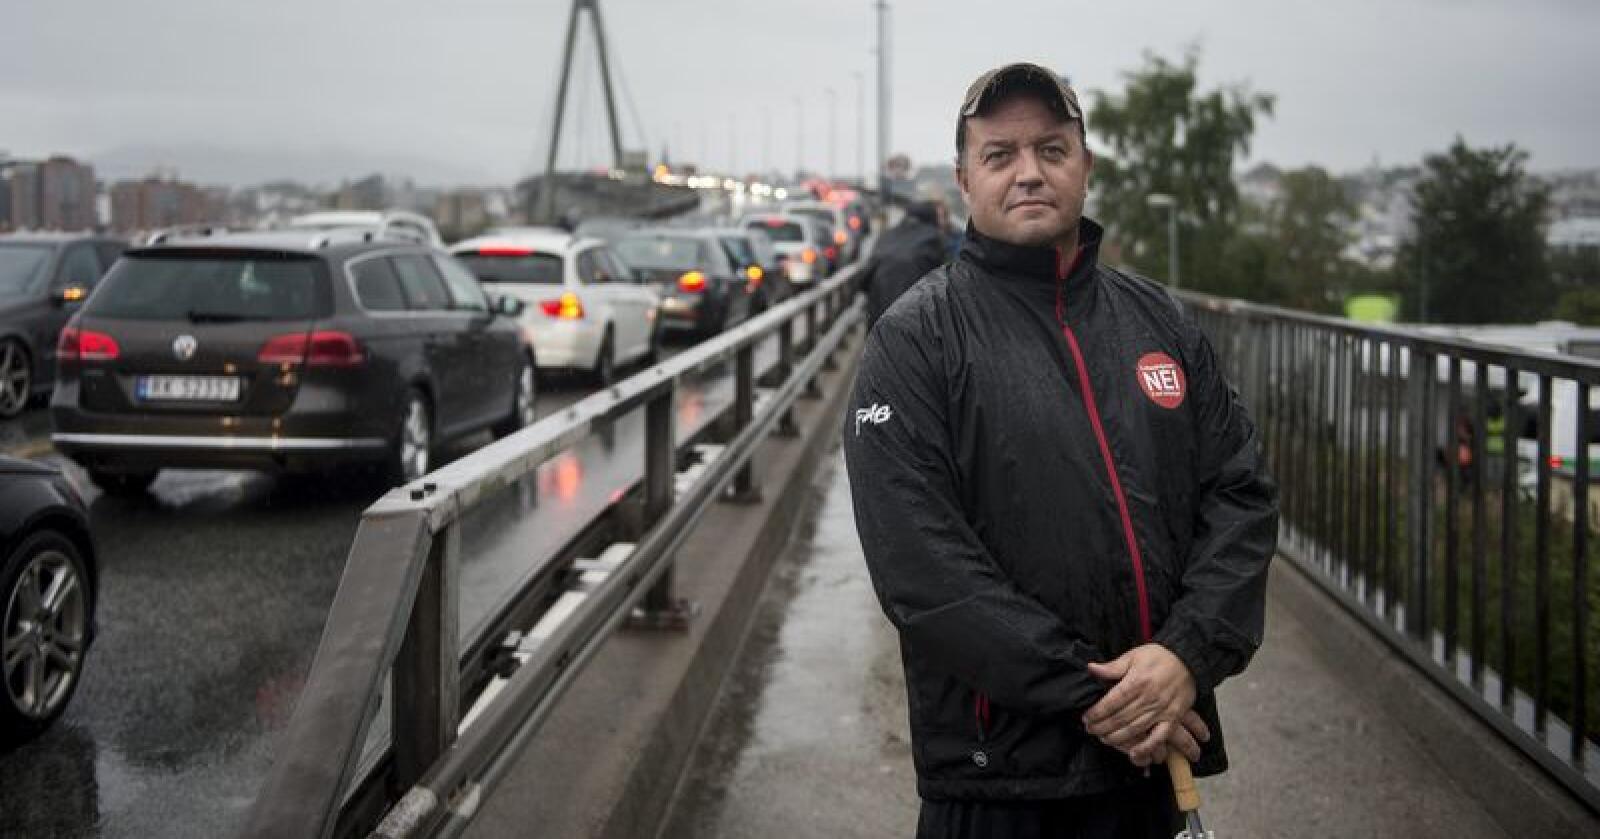 Frode Myrhol i Folkeaksjonen nei til mer bompenger under ein aksjon på bybrua mellom Stavanger og Hundvåg. Foto: Carina Johansen / NTB Scanpix / NPK